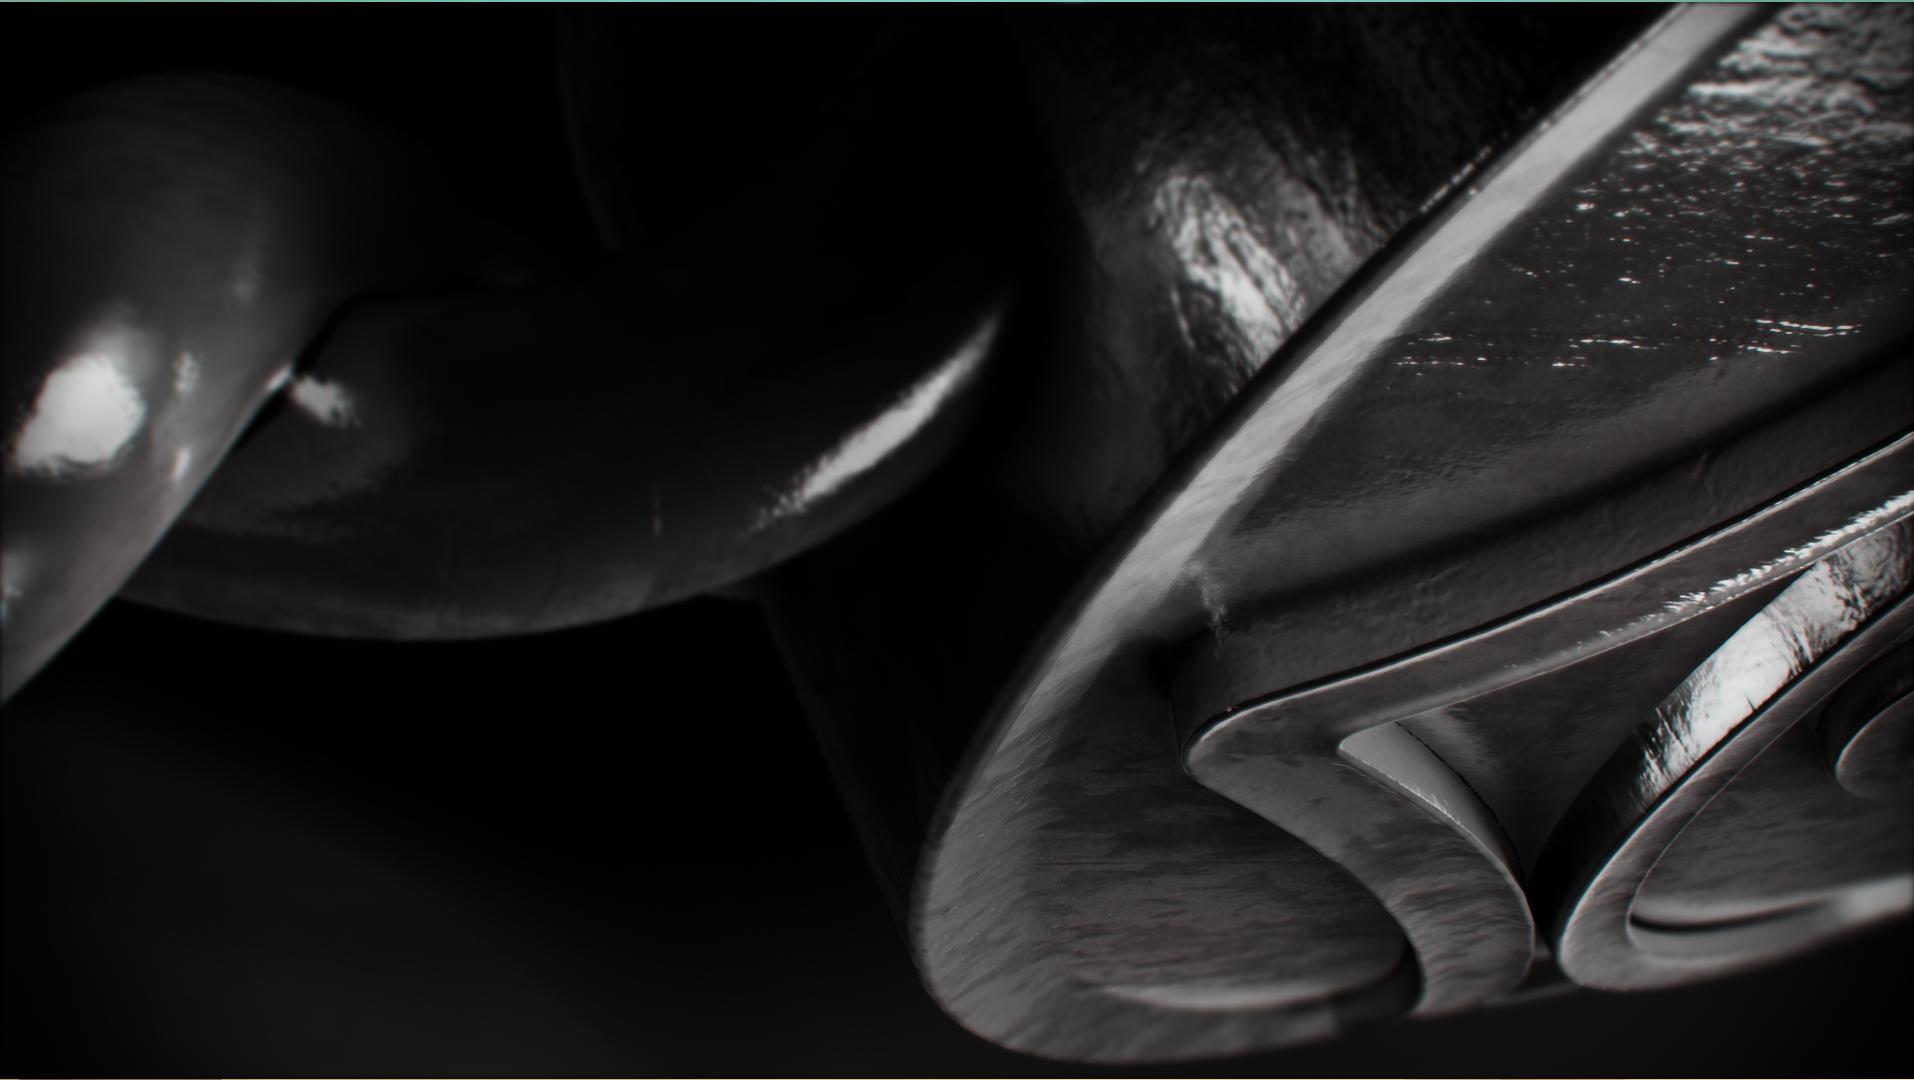 GALERIE-Dripmoon-Studio 3D-Tours-Motion design - Veuve Clicquot - La grande dame - Packshot 3